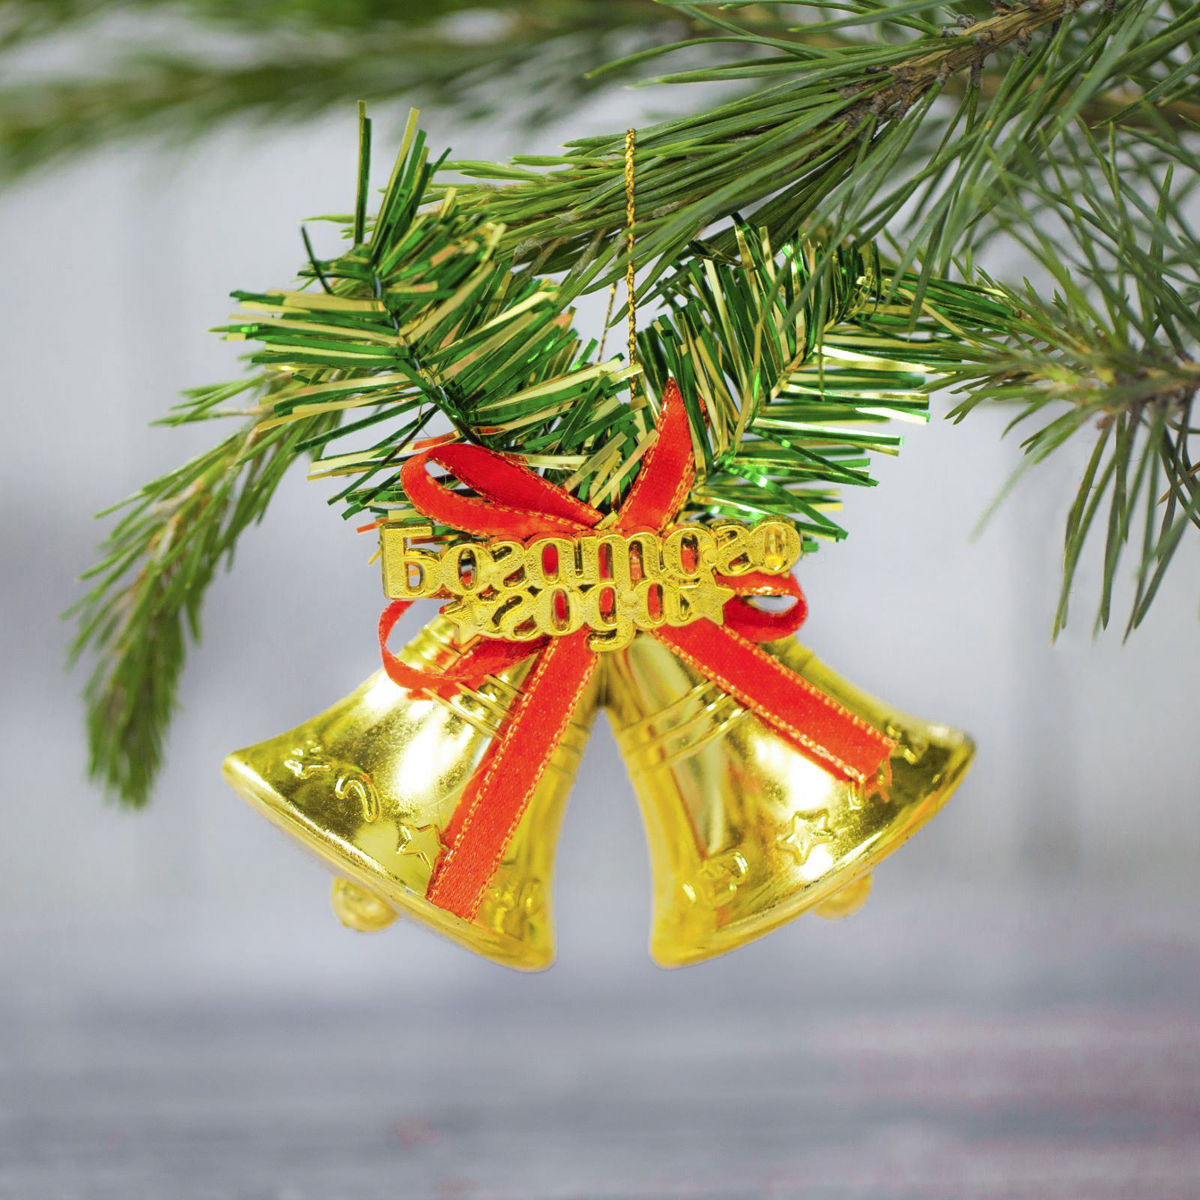 Украшение новогоднее подвесное Sima-land Колокольчик. Богатого года, 9 х 6 см2306756Невозможно представить нашу жизнь без праздников! Мы всегда ждём их и предвкушаем, обдумываем, как проведём памятный день, тщательно выбираем подарки и аксессуары, ведь именно они создают и поддерживают торжественный настрой.